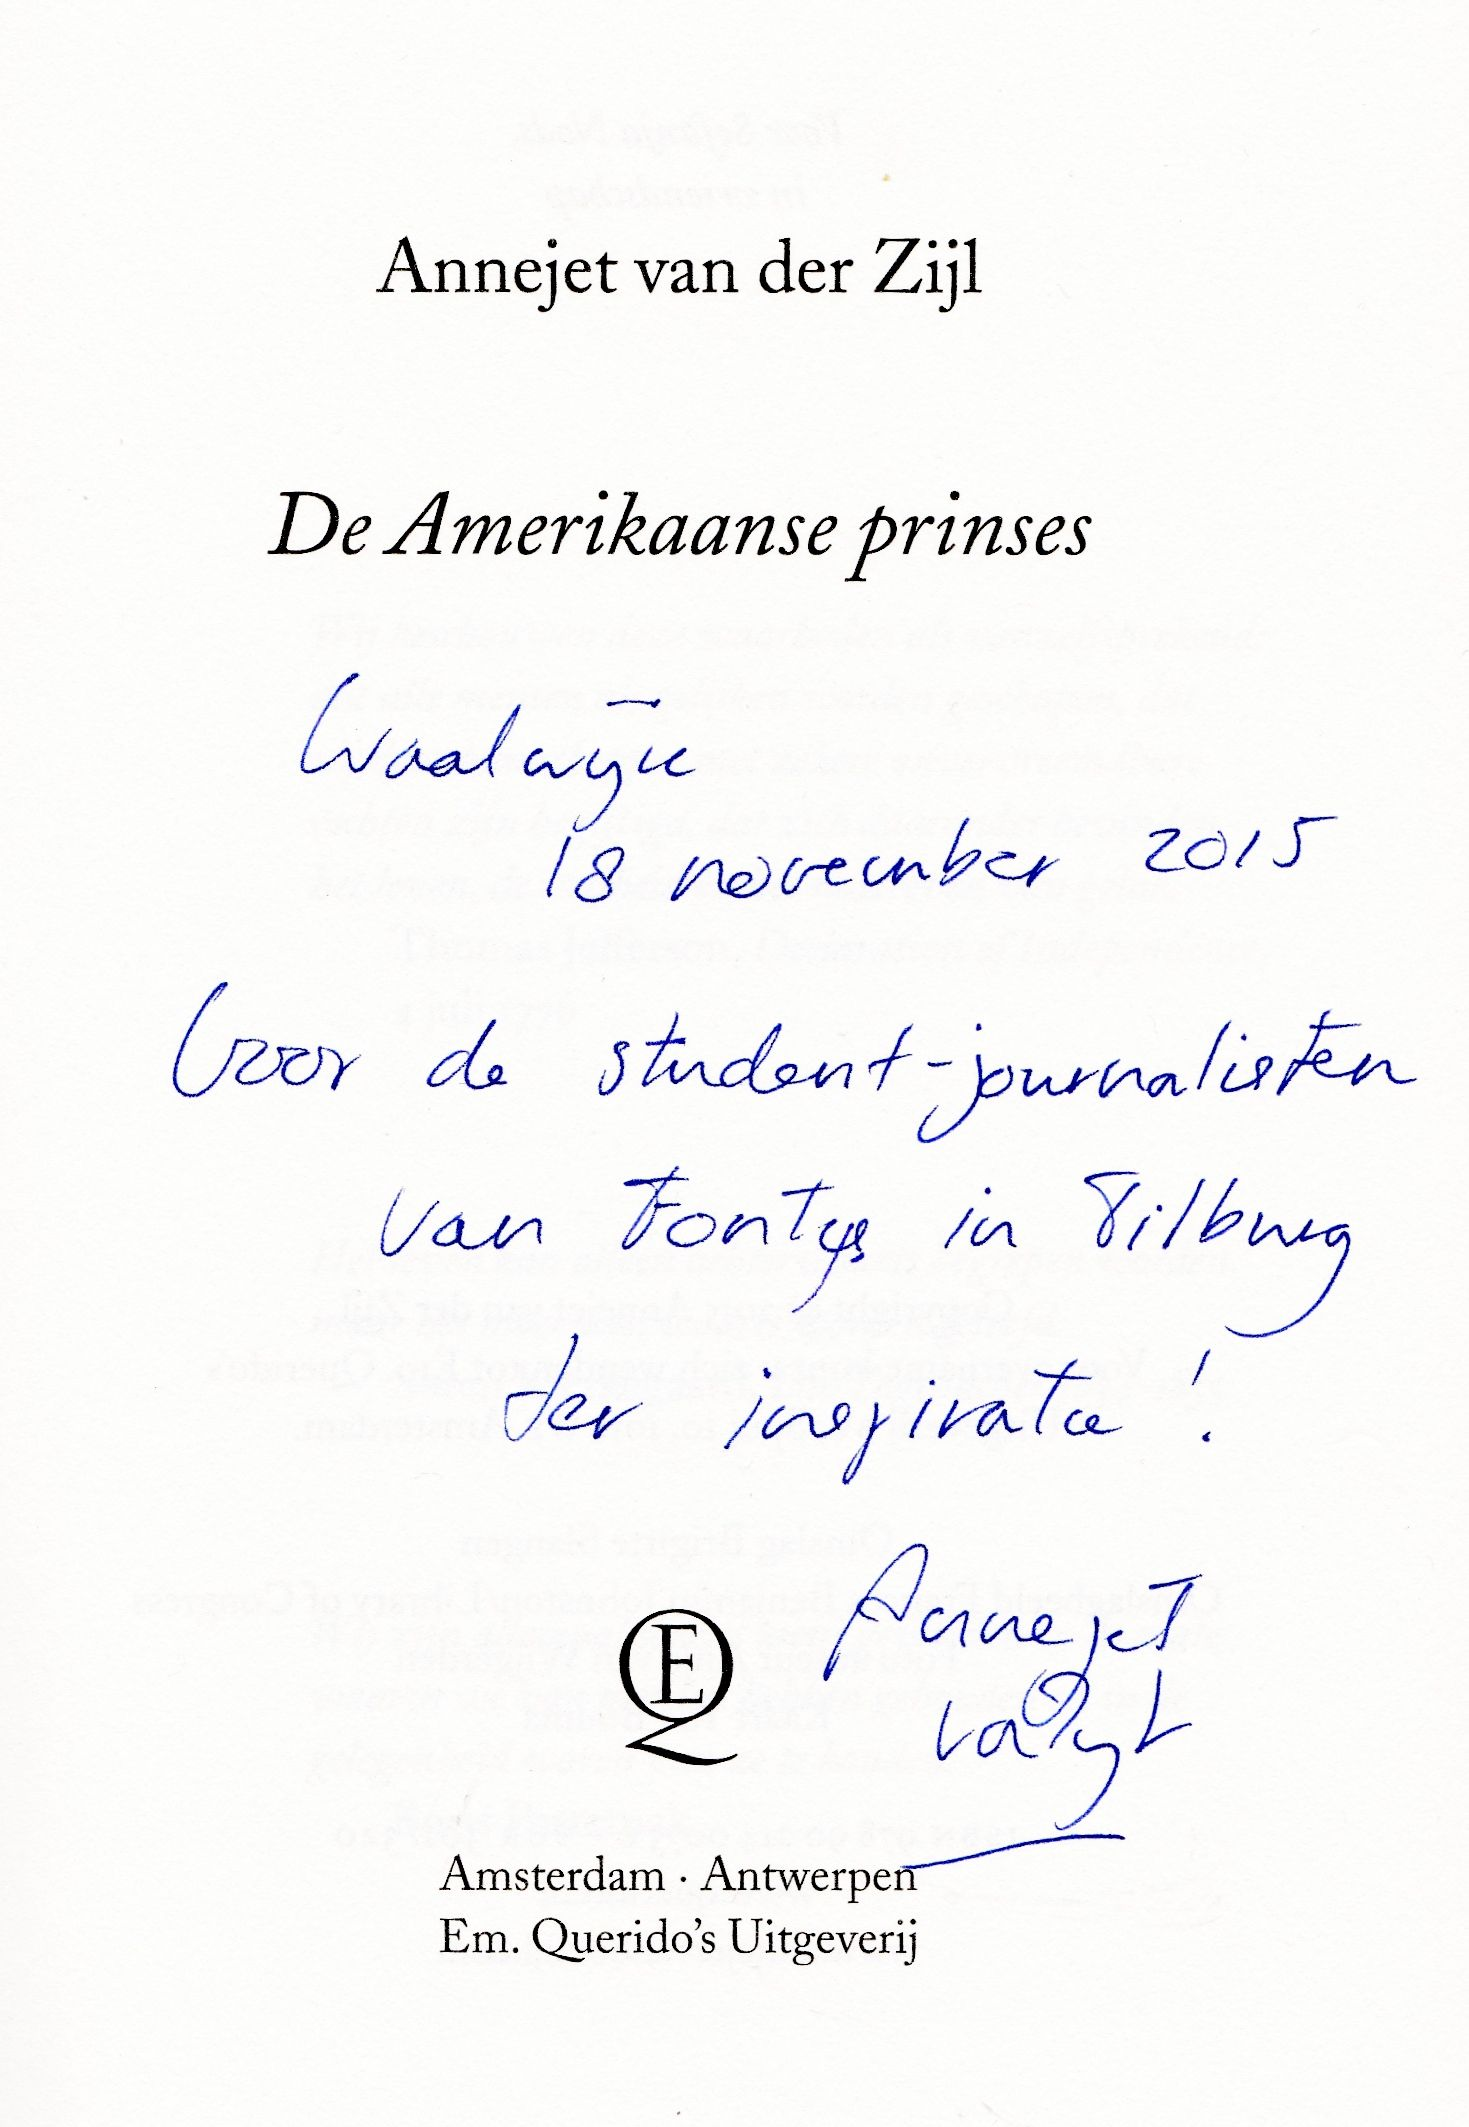 Annejet van der Zijl (lezing openbare bibliotheek Waalwijk 18-11-2015)